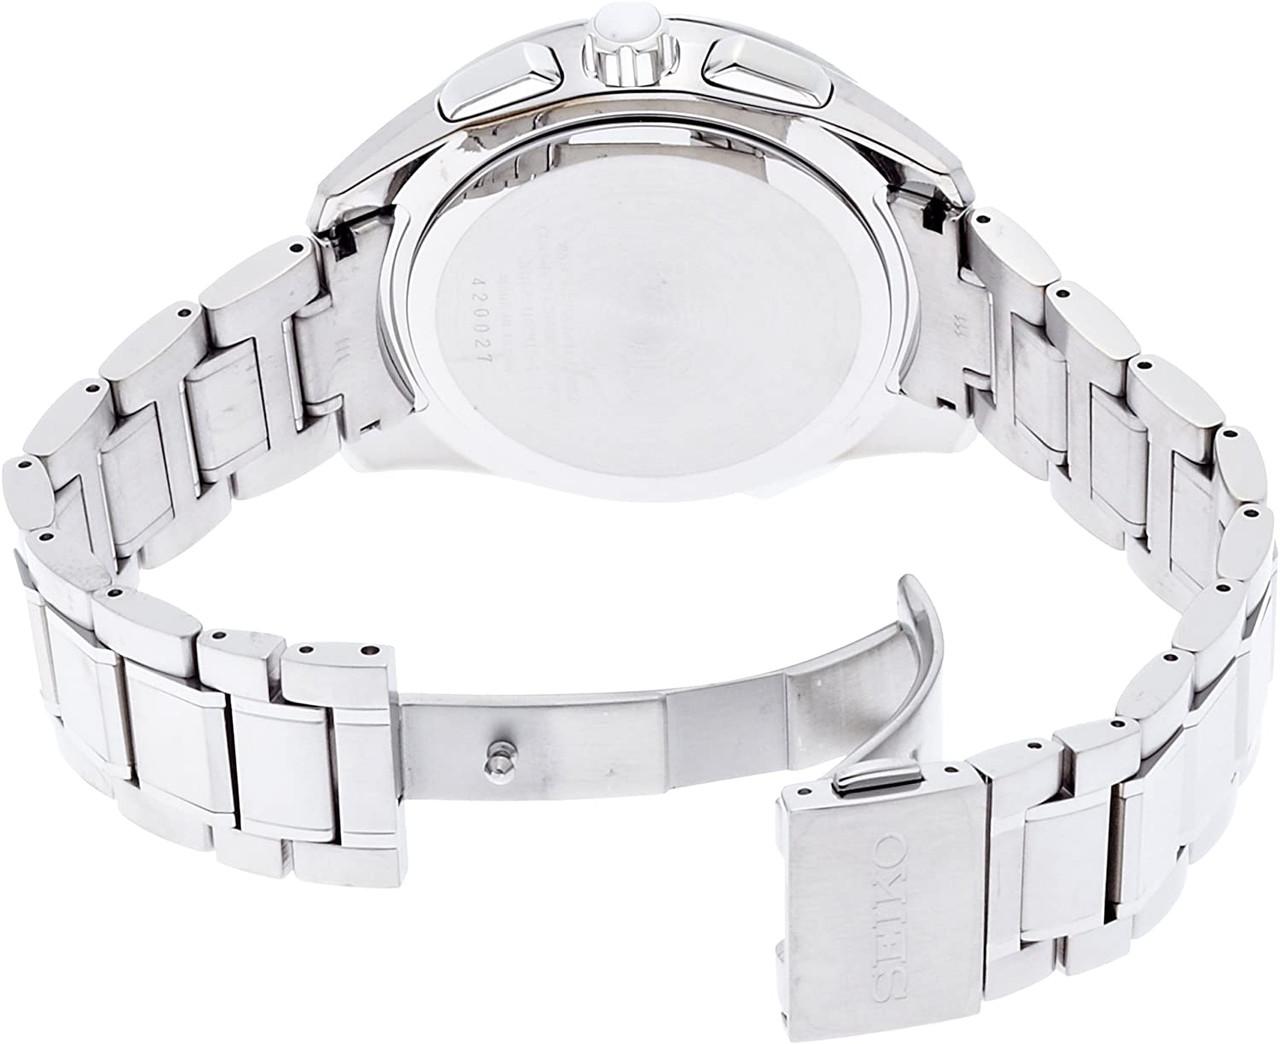 Seiko Brightz Solar Chronograph SAGA169